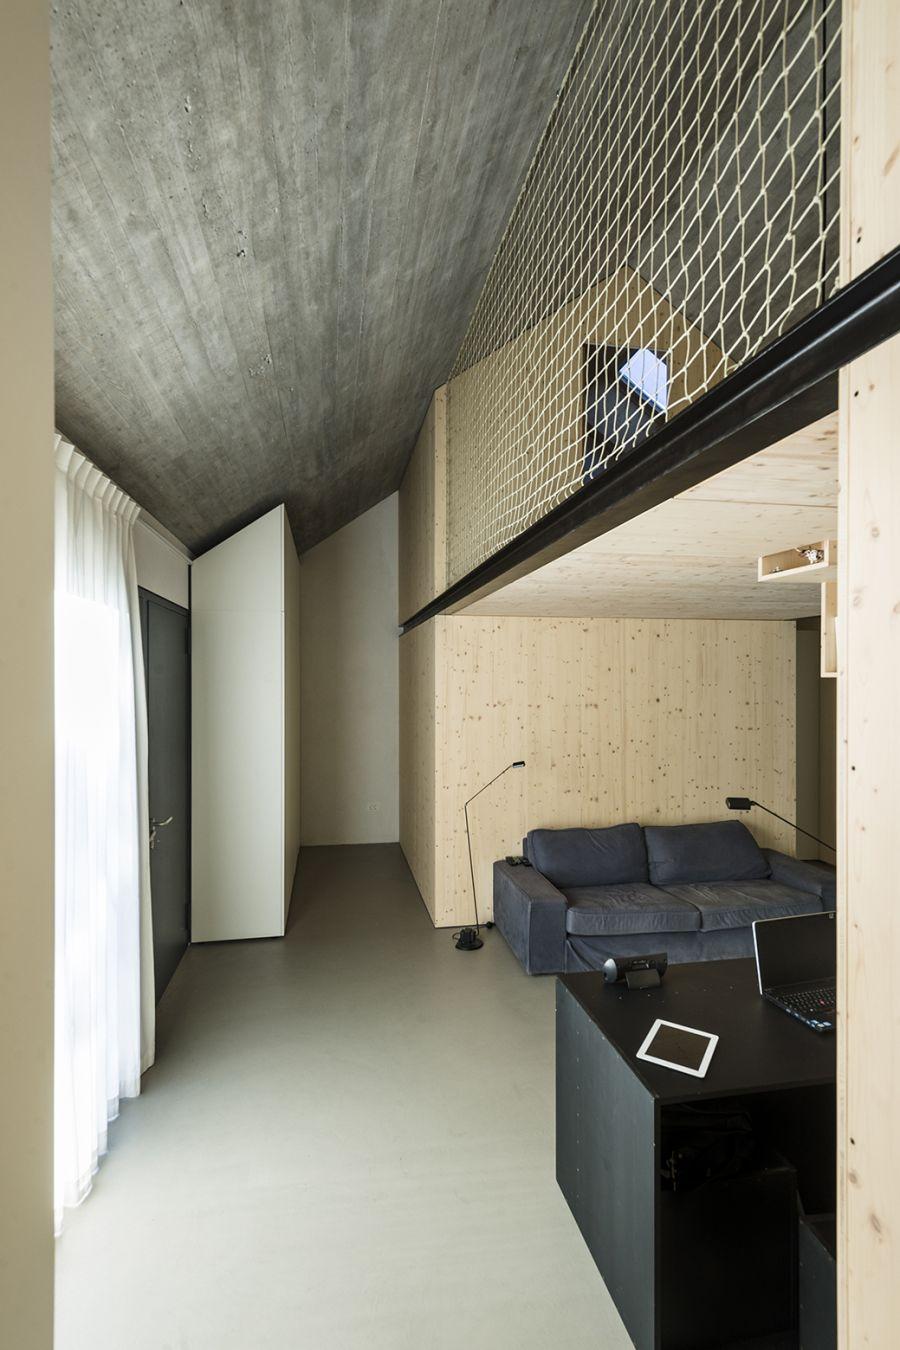 La arquitectura moderna y tradicional eslovena confluyen en esta casa compacta 21